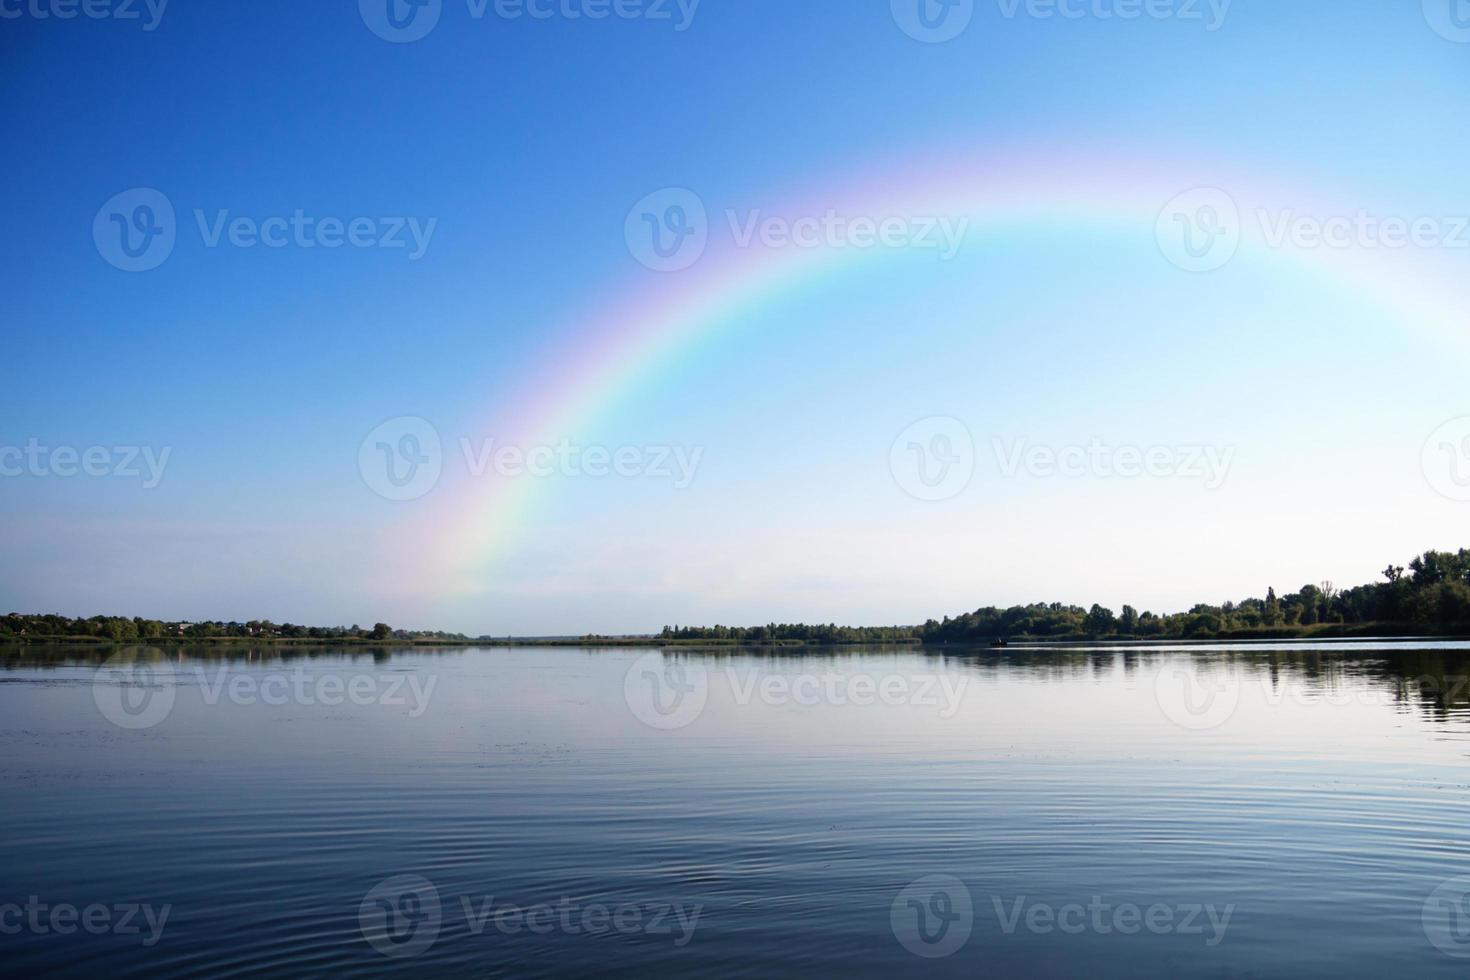 paysage fluvial un jour d'été photo